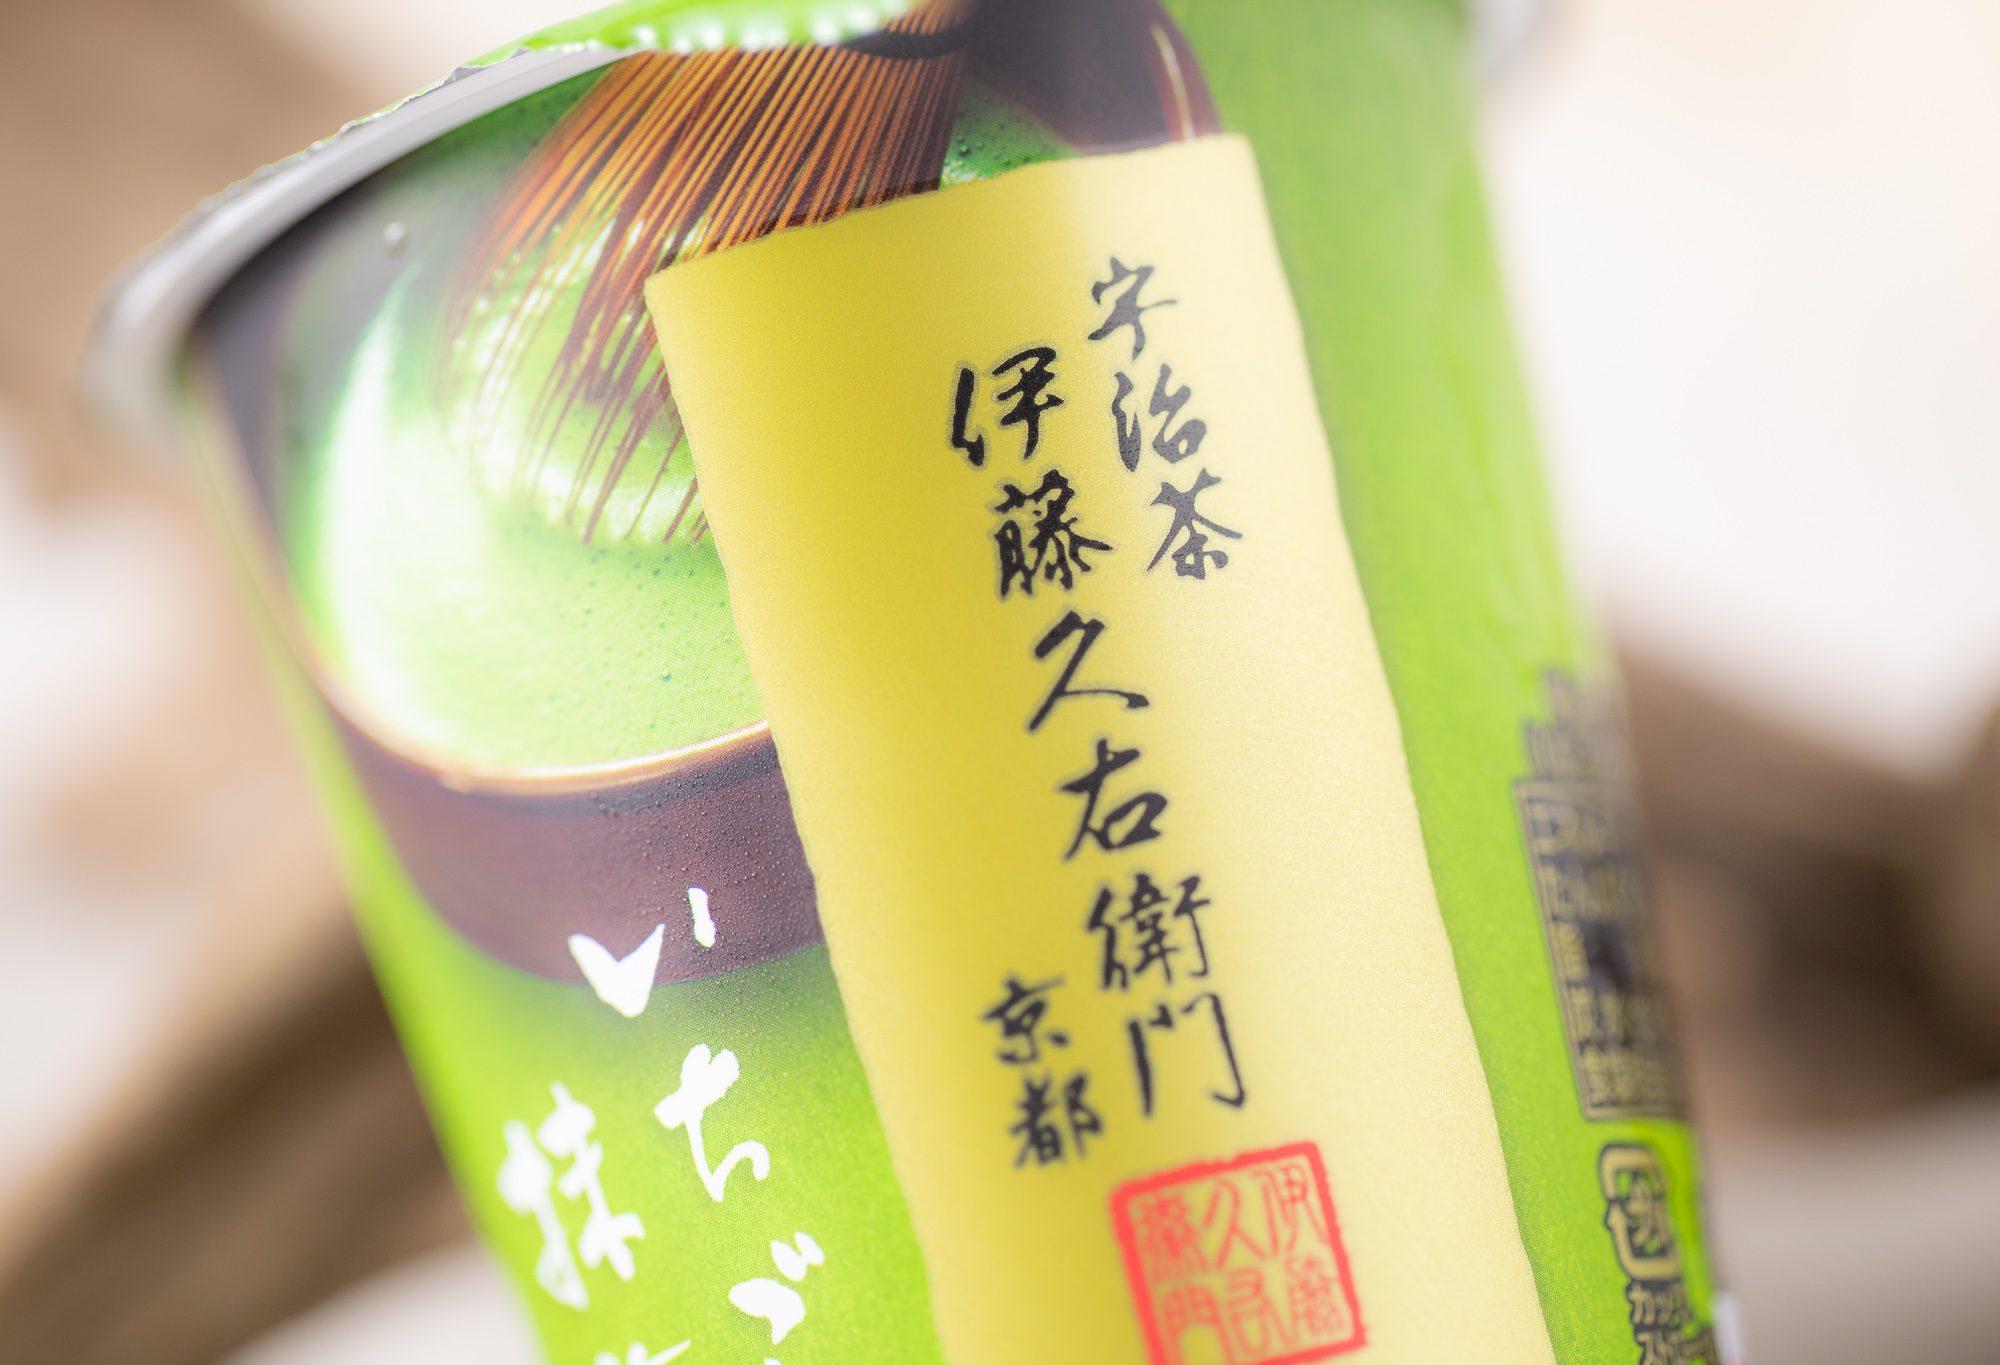 京都・伊藤久右衛門 監修『いちご抹茶らて 212g』はいちごのポップな甘酸っぱさに本格的な抹茶が香る爆売れ必須のいちご抹茶らて◎